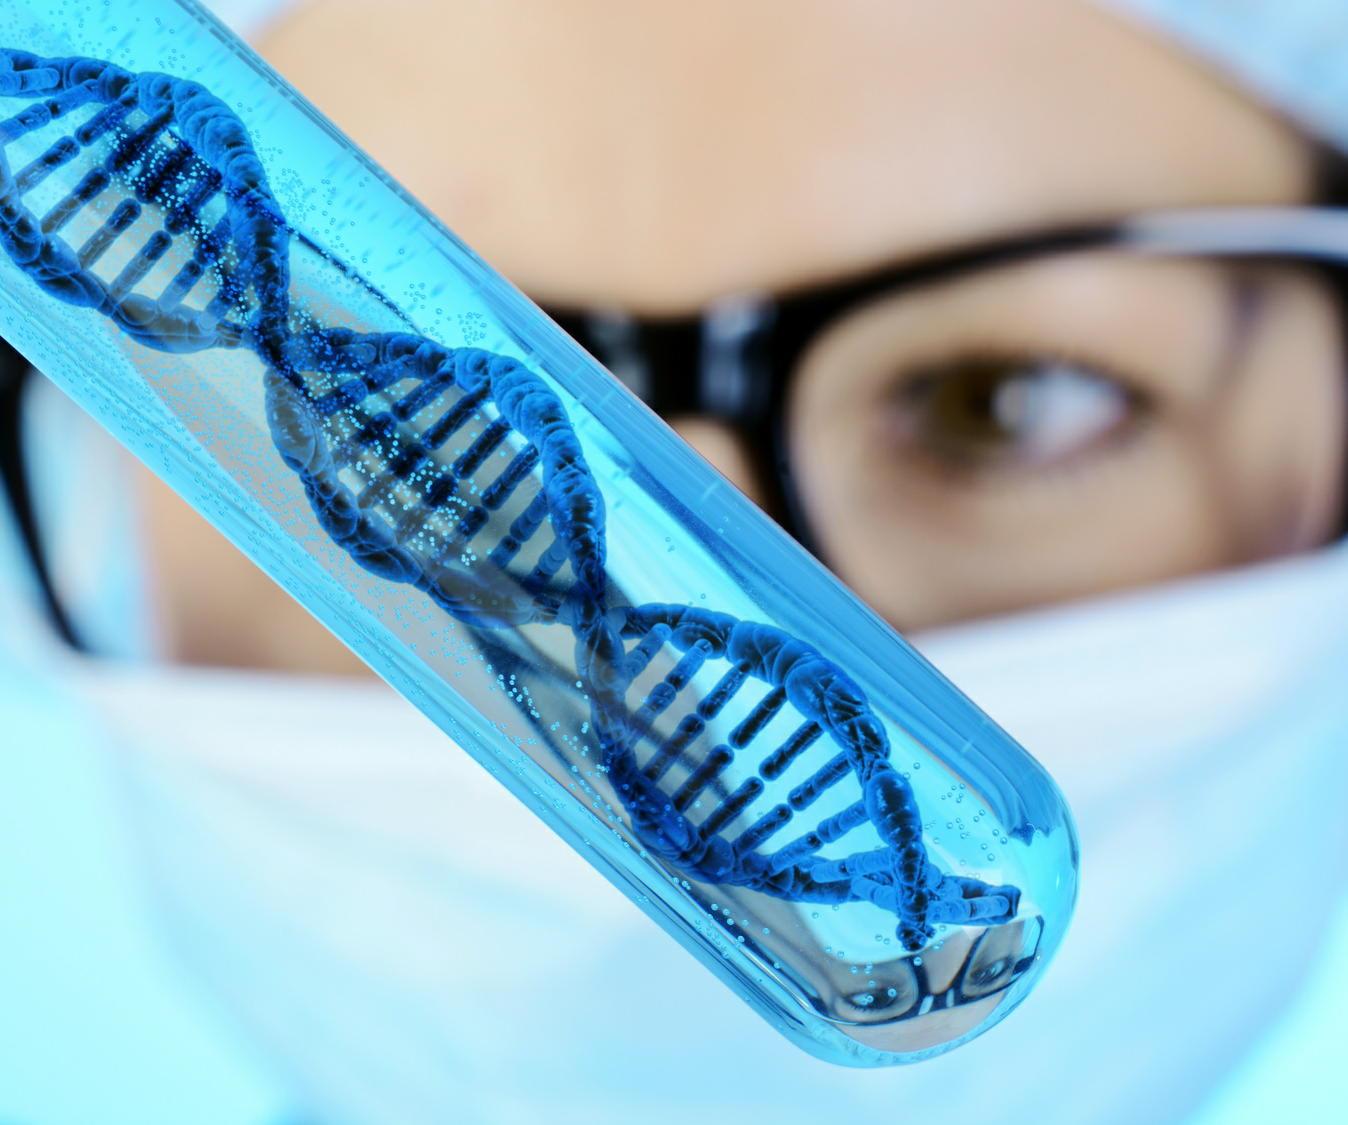 日本人3,554人の全ゲノム情報を解読に成功 日本人のゲノム医療に期待